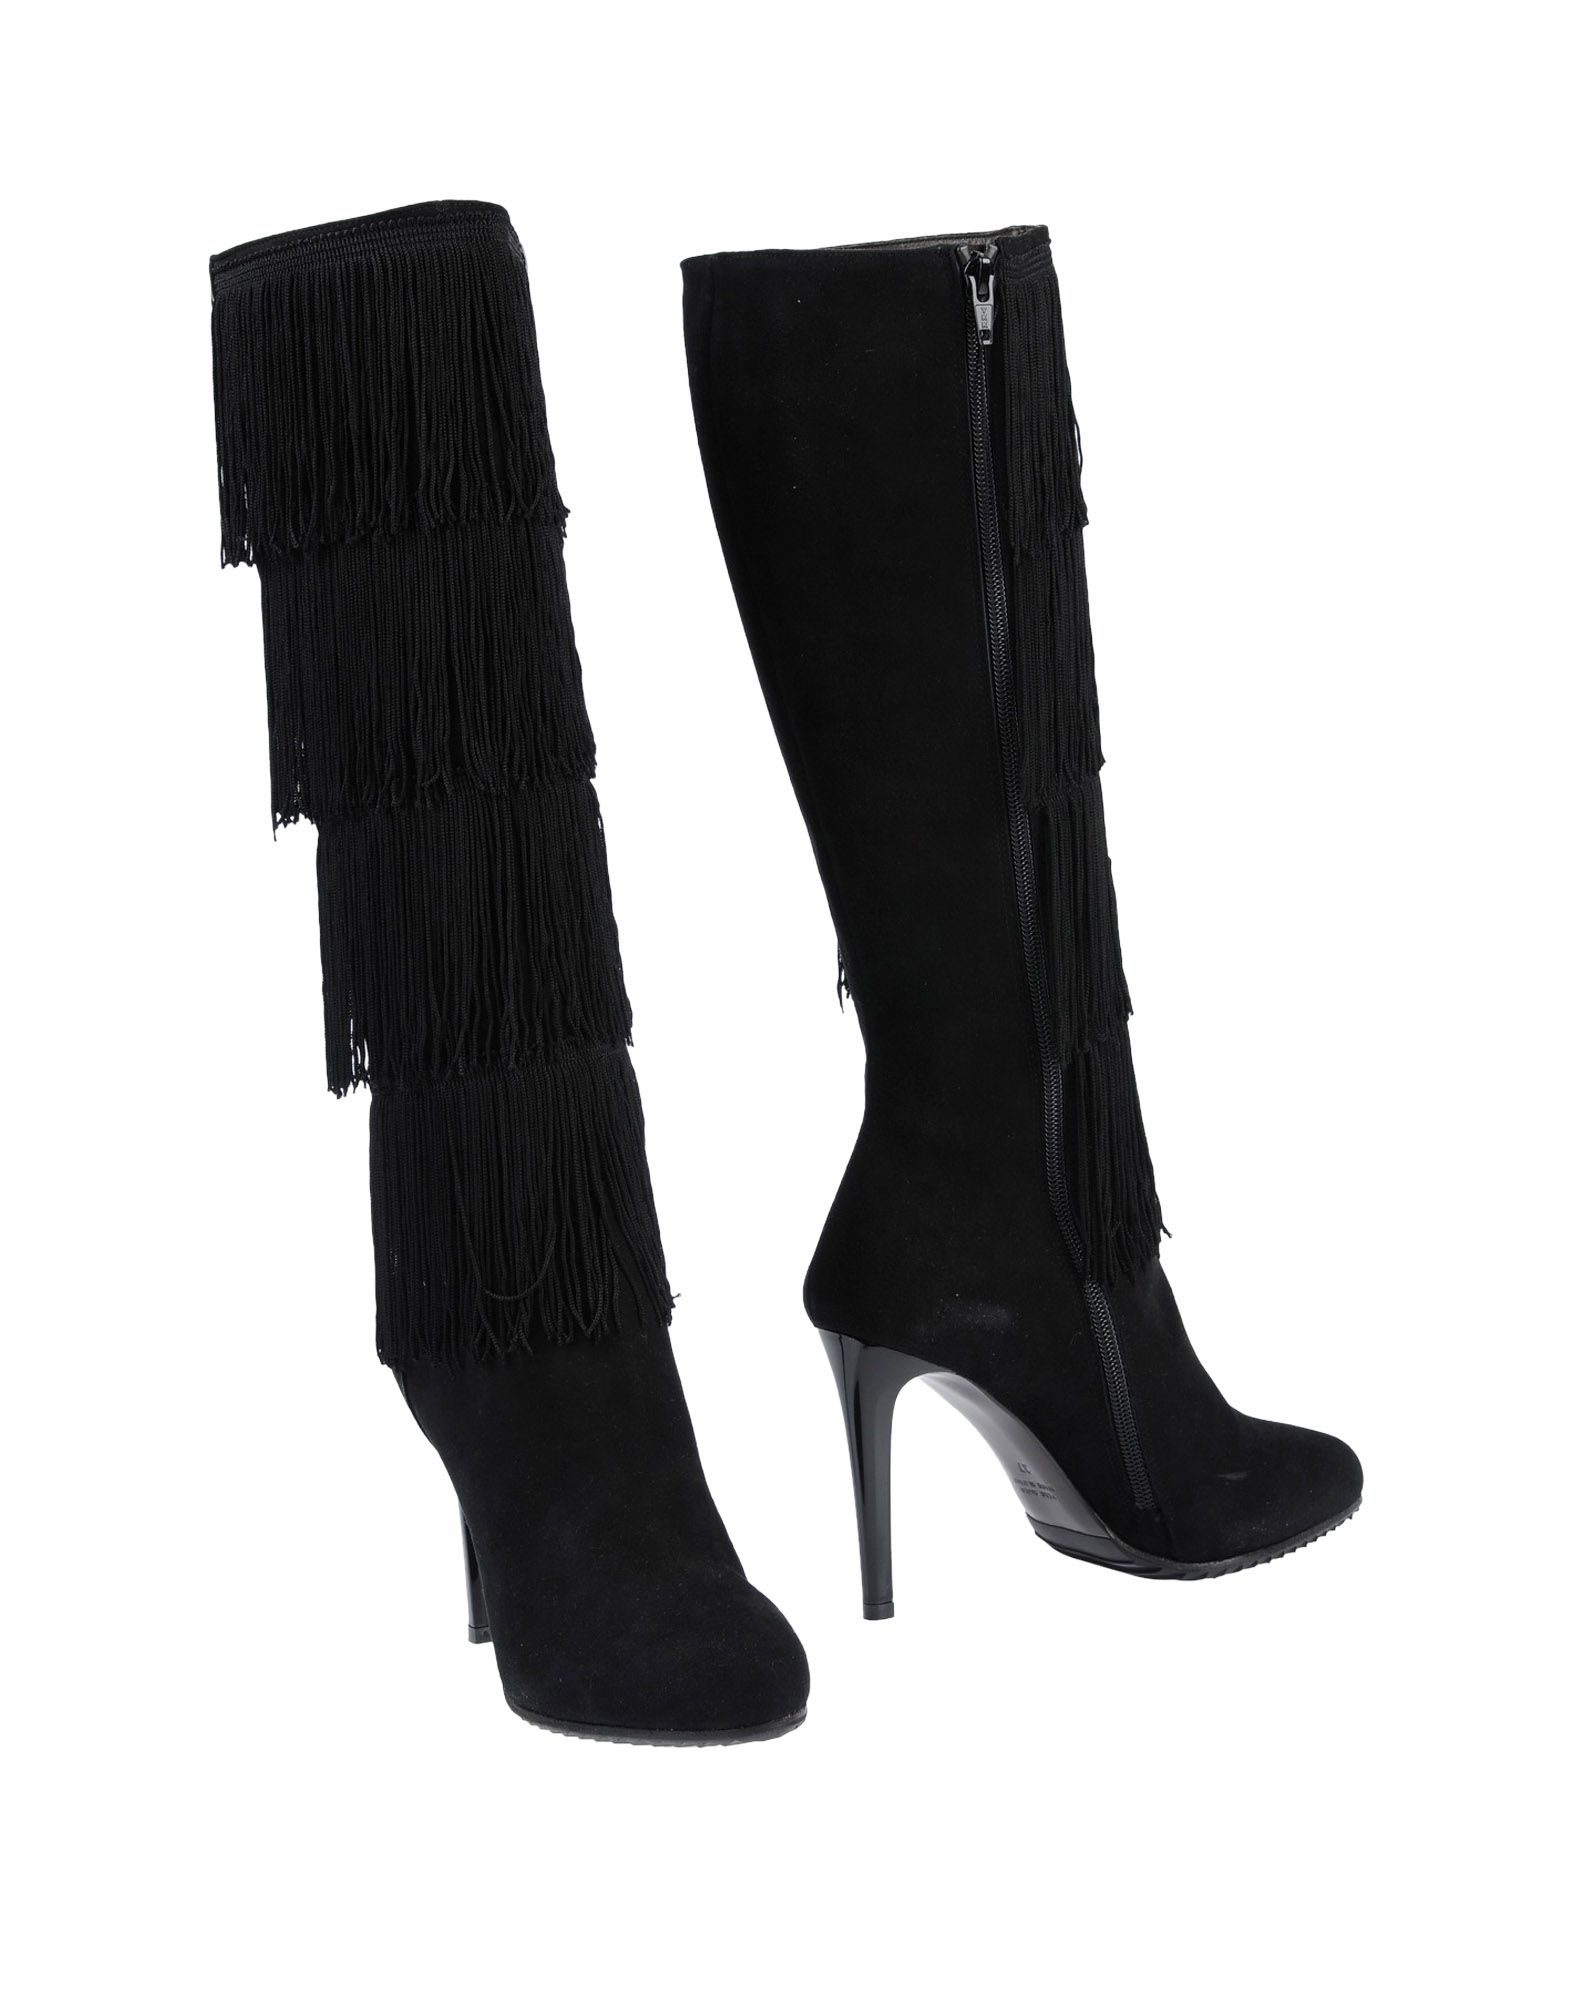 Islo Isabella Lorusso Stiefel Damen  11471715XC Neue Schuhe